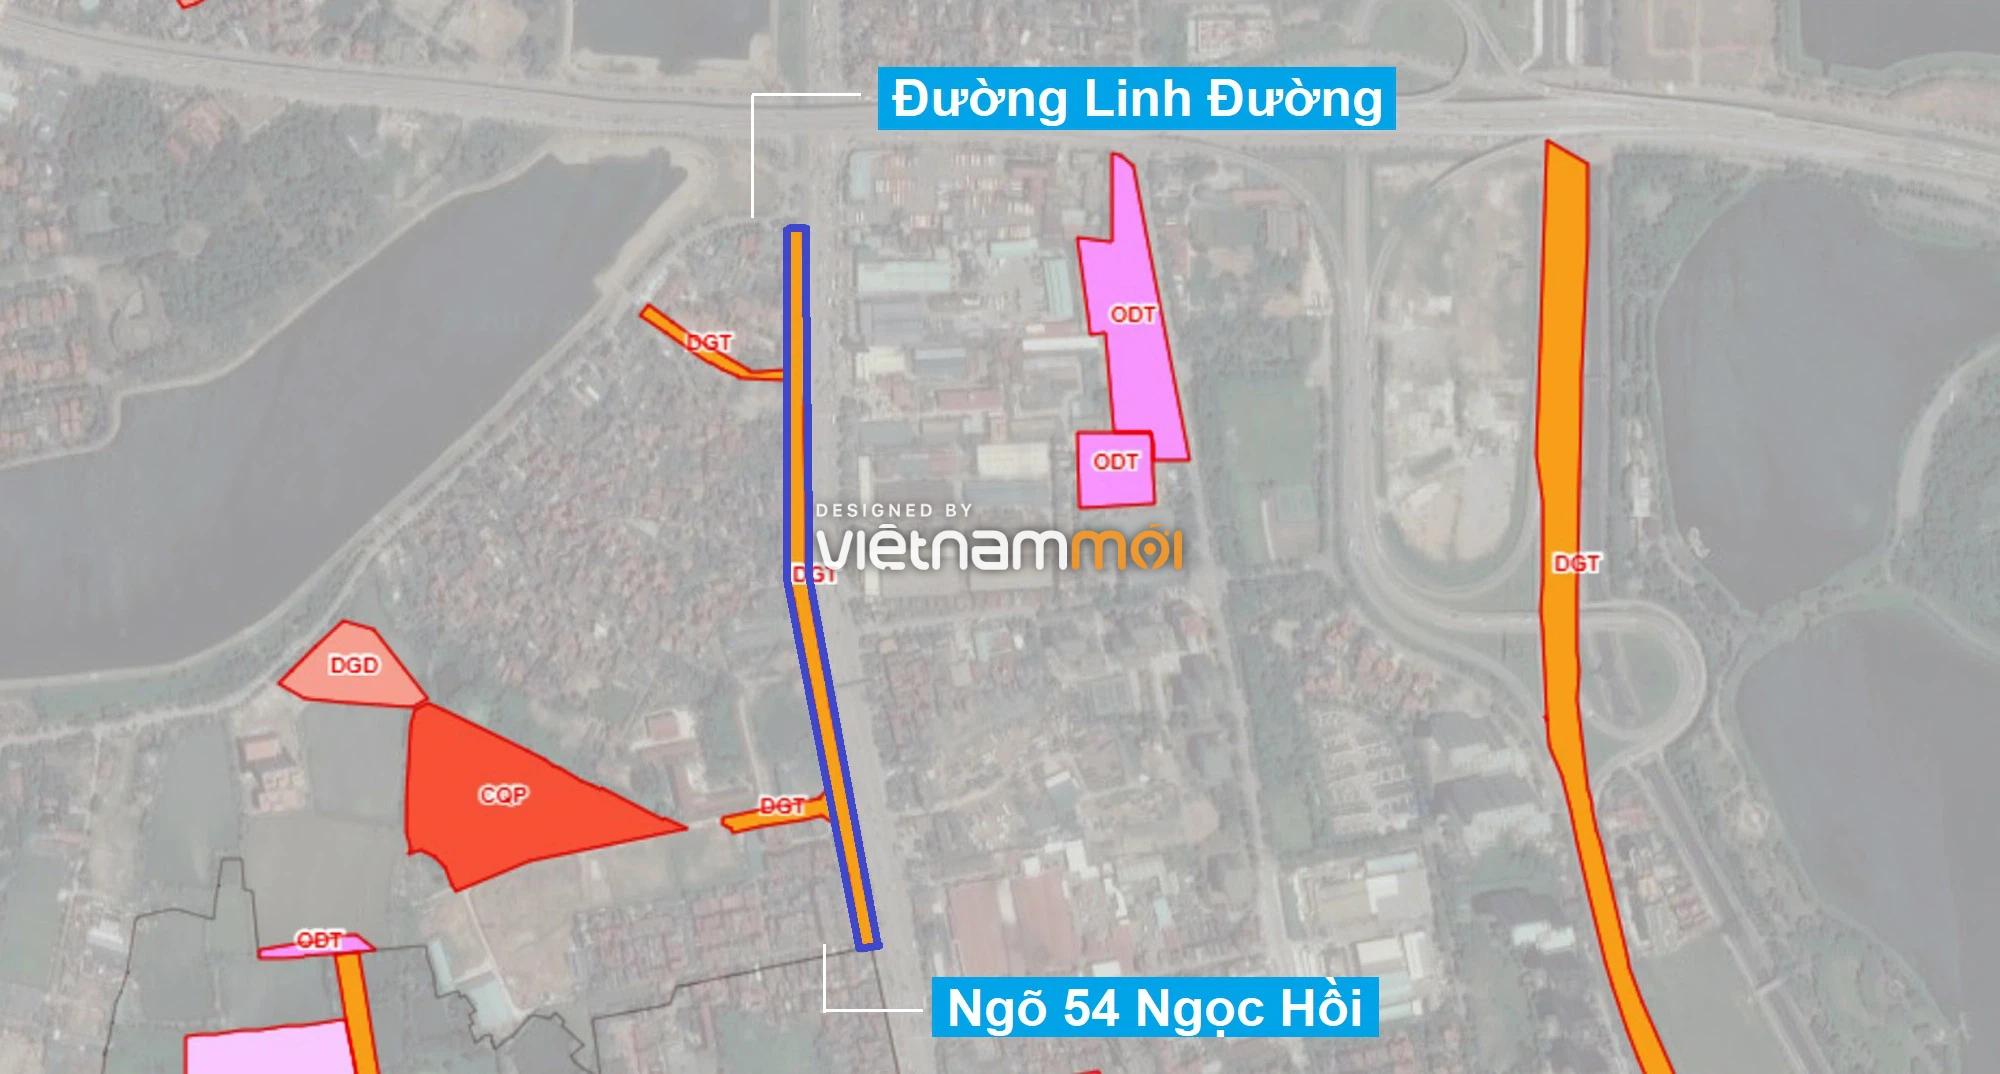 Những khu đất sắp thu hồi để mở đường ở quận Hoàng Mai, Hà Nội (phần 2) - Ảnh 4.